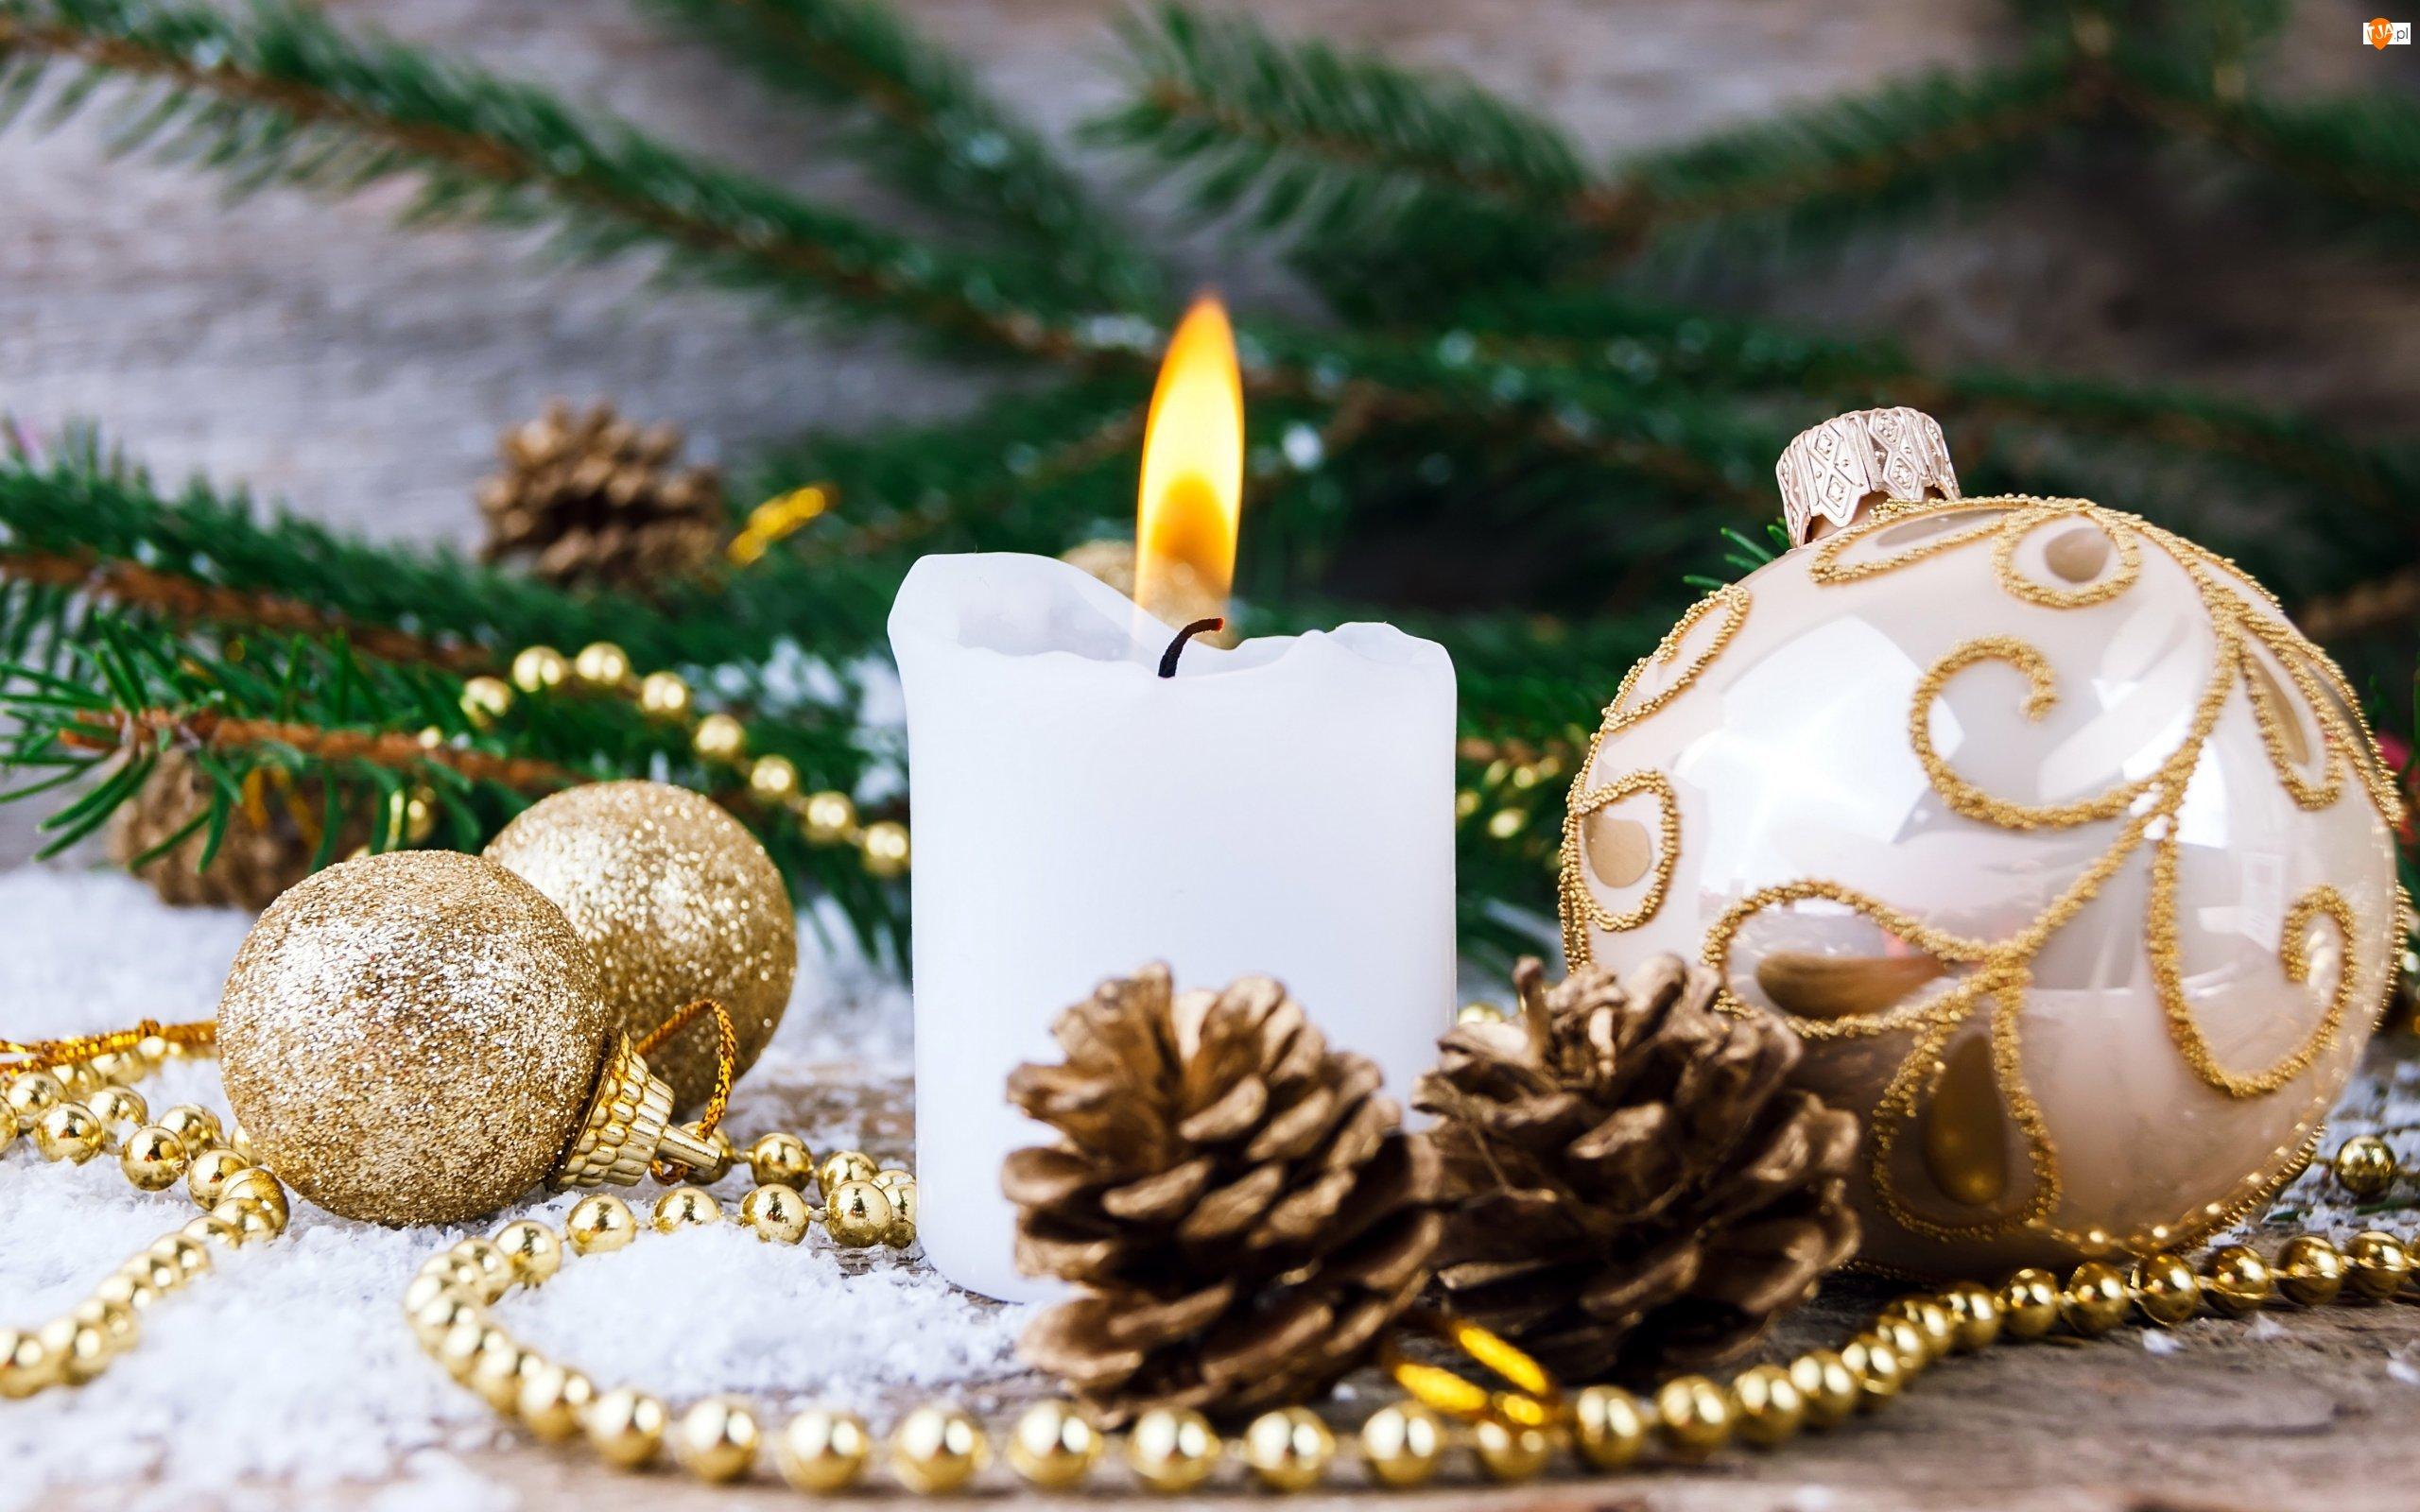 Świeczka, Świąteczna, Bombki, Stroik, Biała, Kompozycja